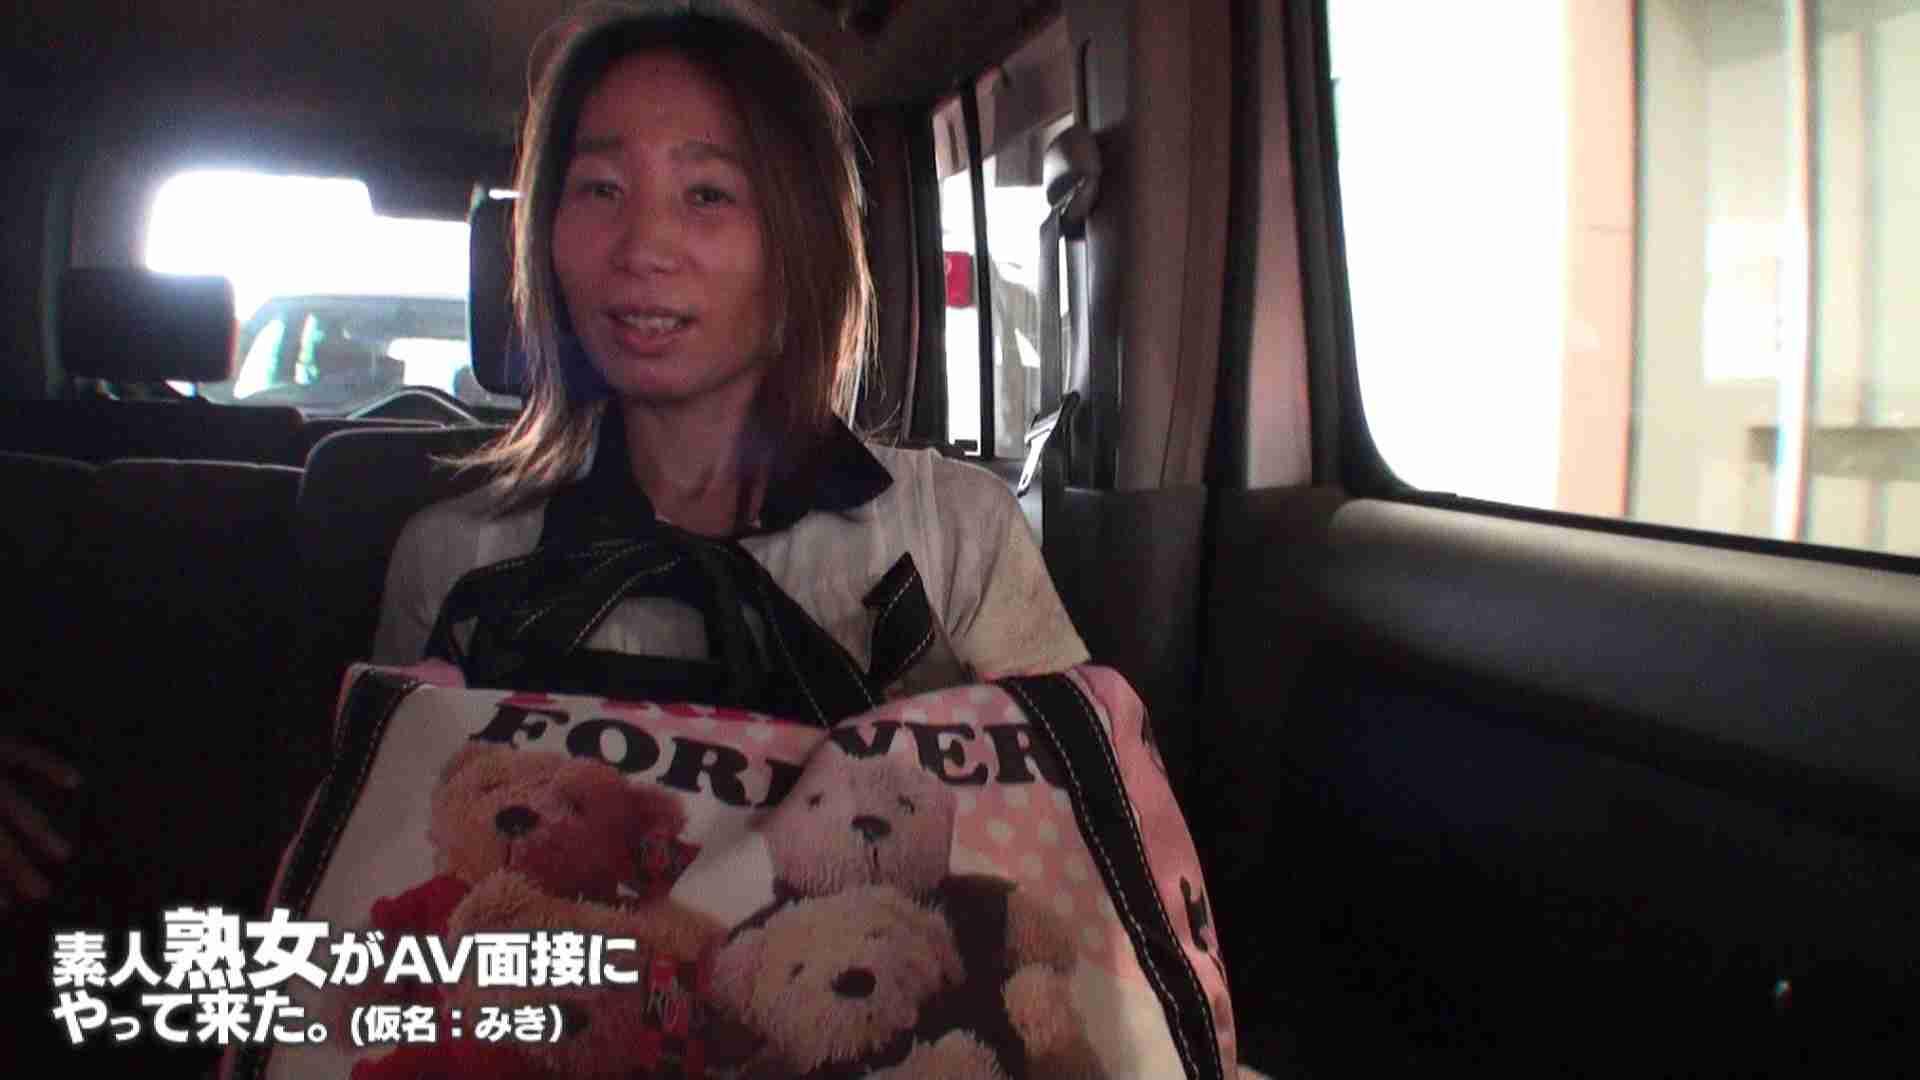 素人熟女がAV面接にやってきた (熟女)みきさんVOL.01 OLのエッチ オメコ動画キャプチャ 94pic 17